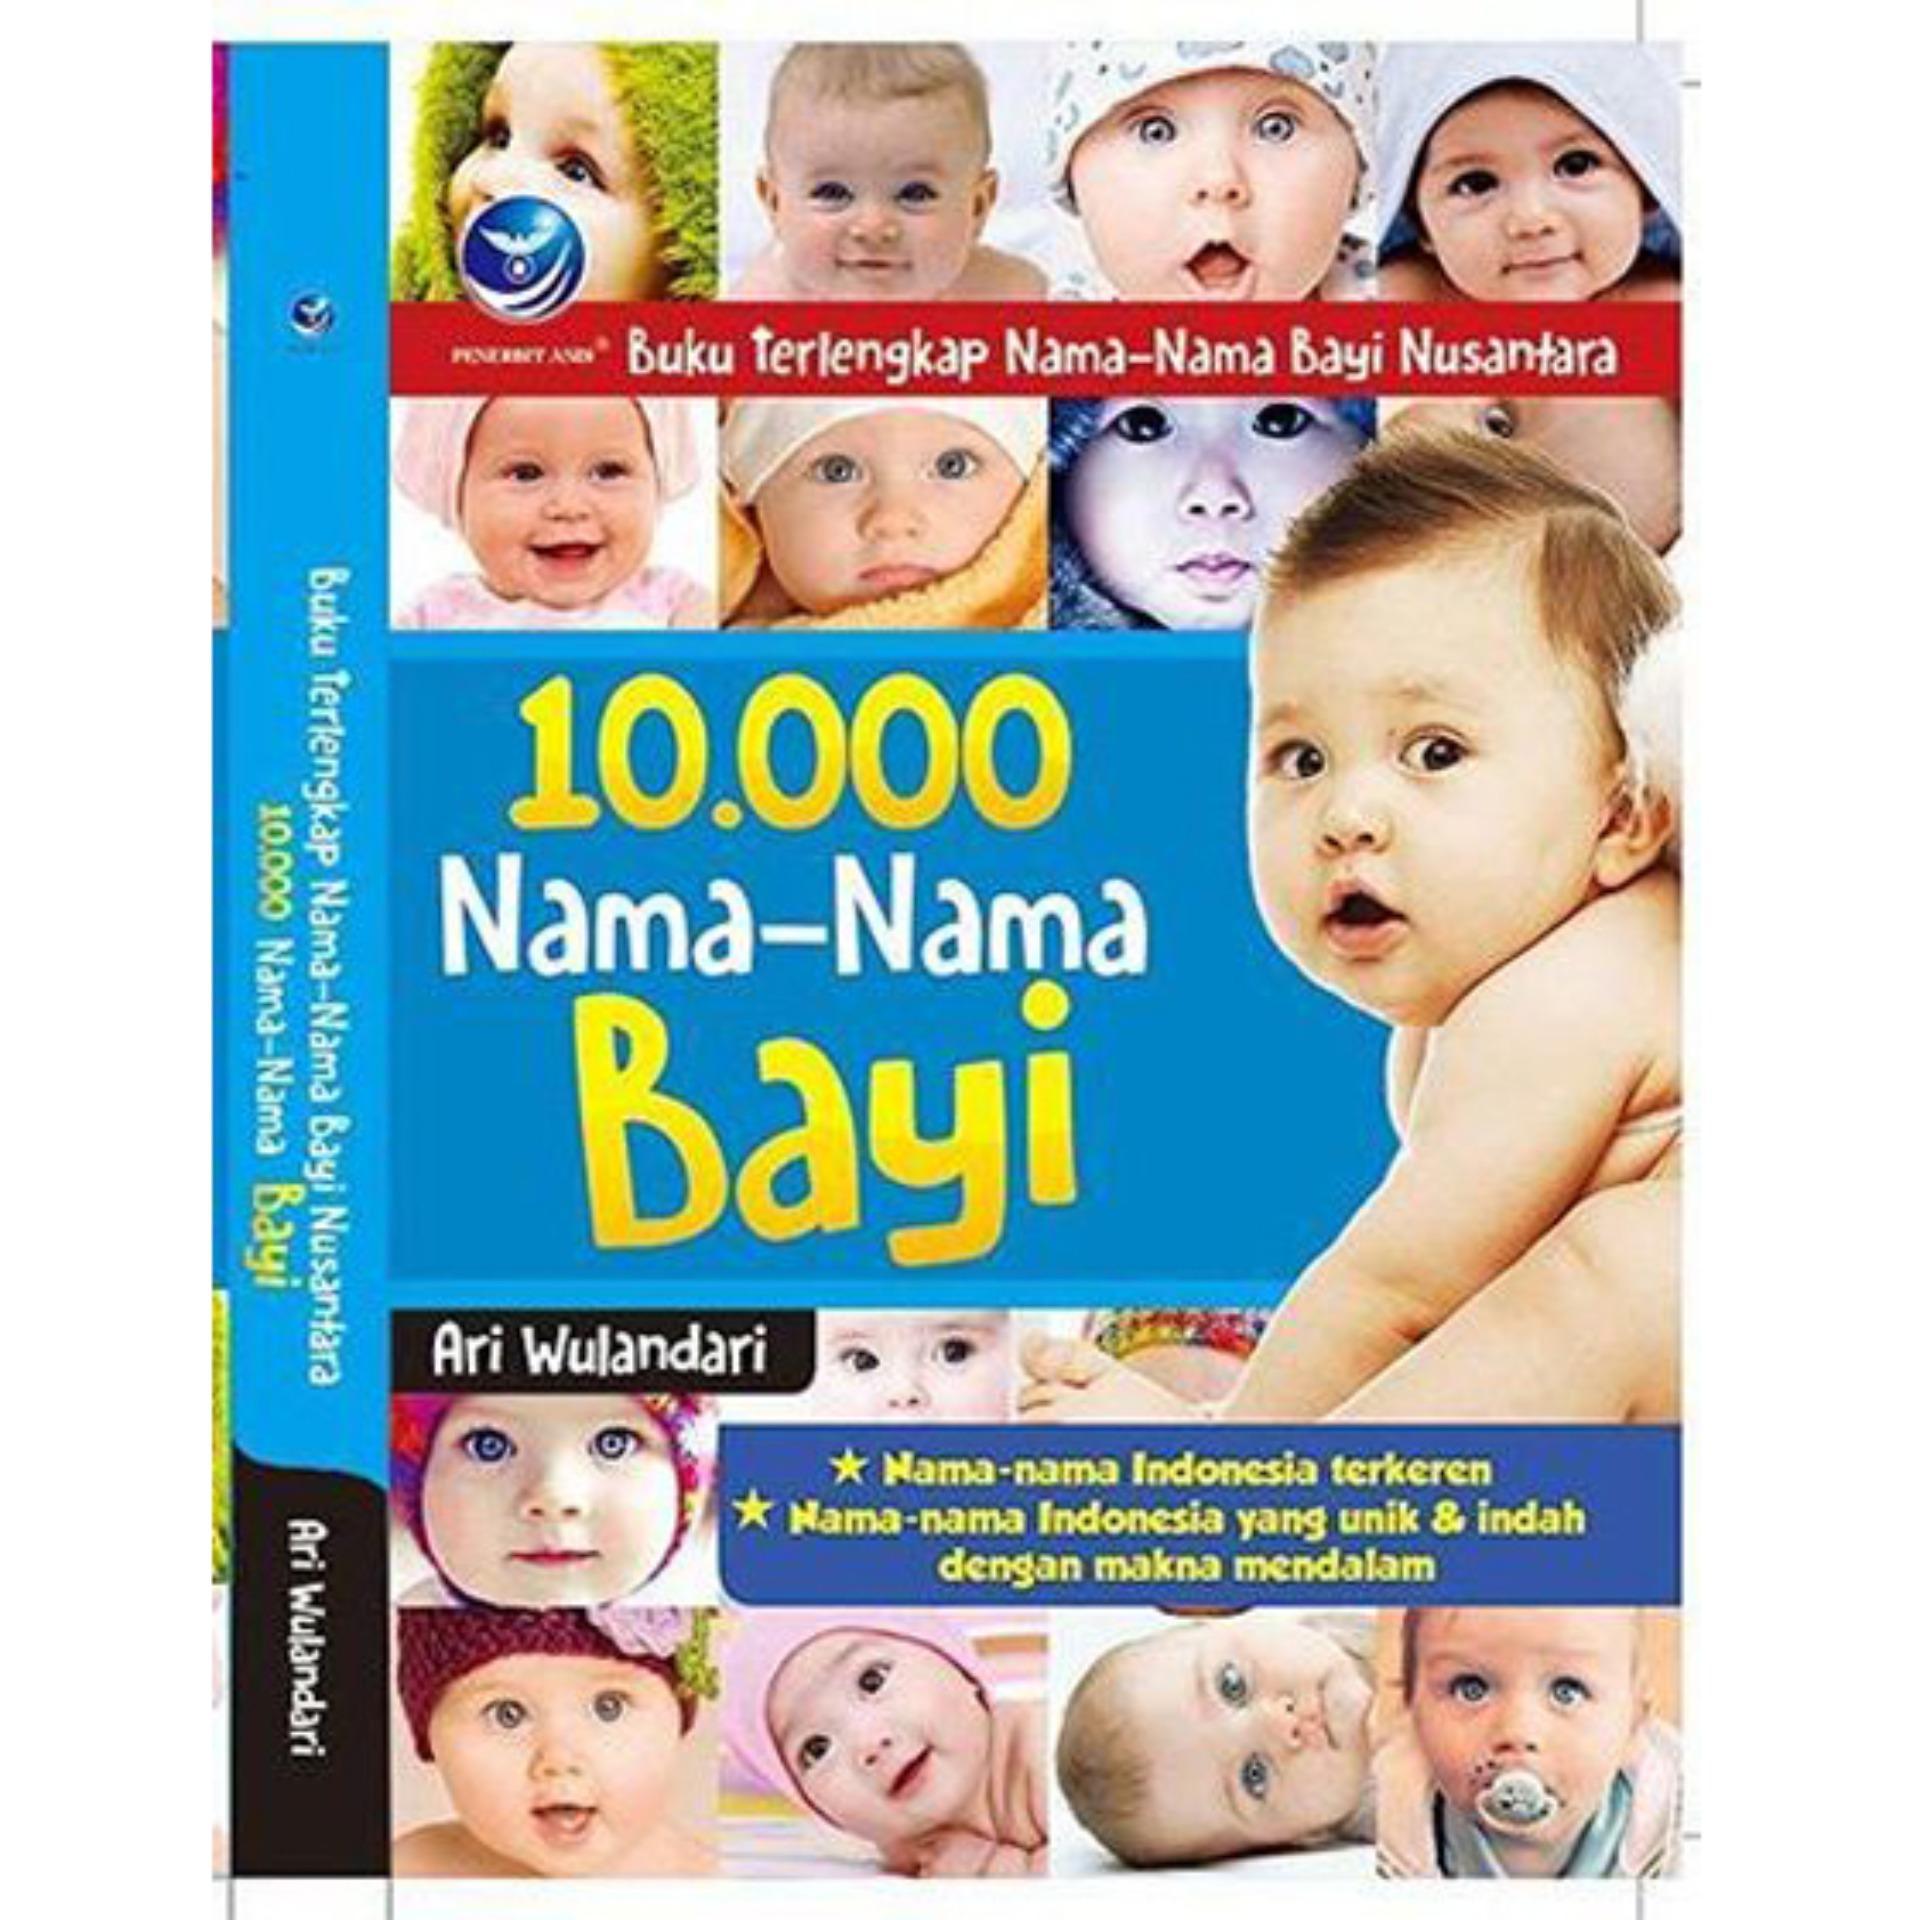 Buku Terlengkap Nama-nama Bayi Nusantara: 10.000 Nama-nama Bayi